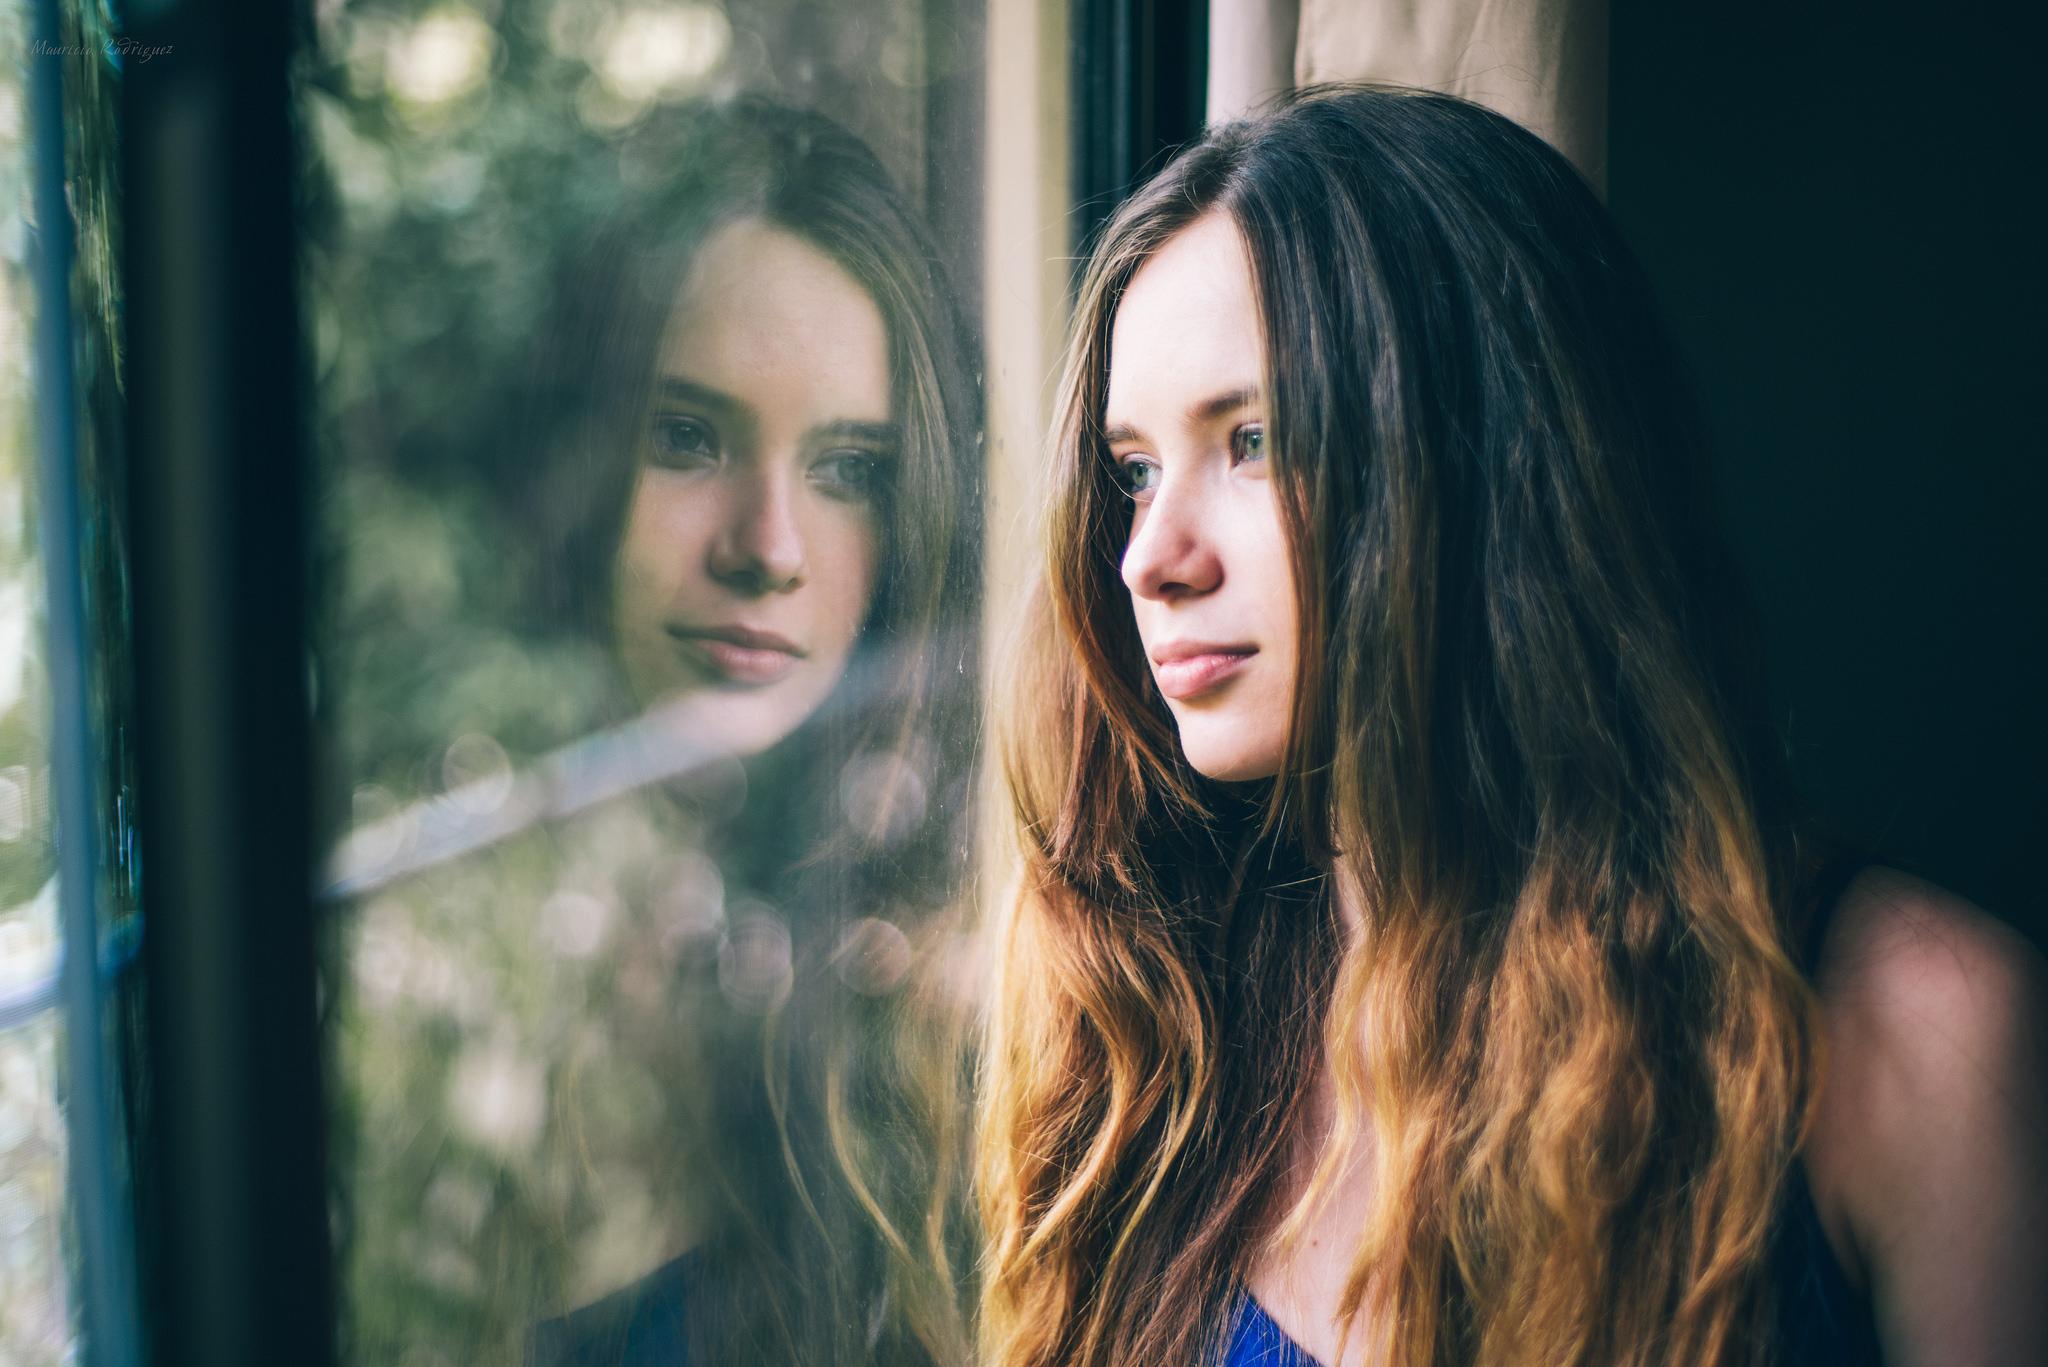 2eed9e557 mulheres modelo morena janela reflexão Olhando para fora da janela Mulheres  dentro retrato